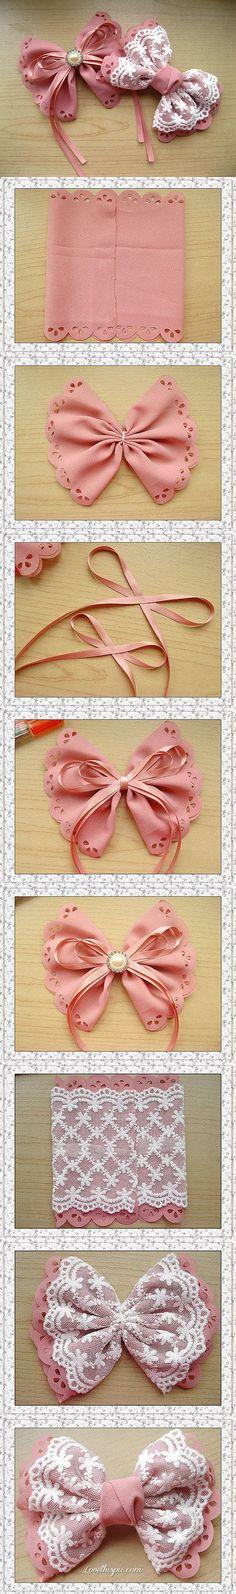 lace bow diy crafts easy crafts easy diy craft bows diy bows